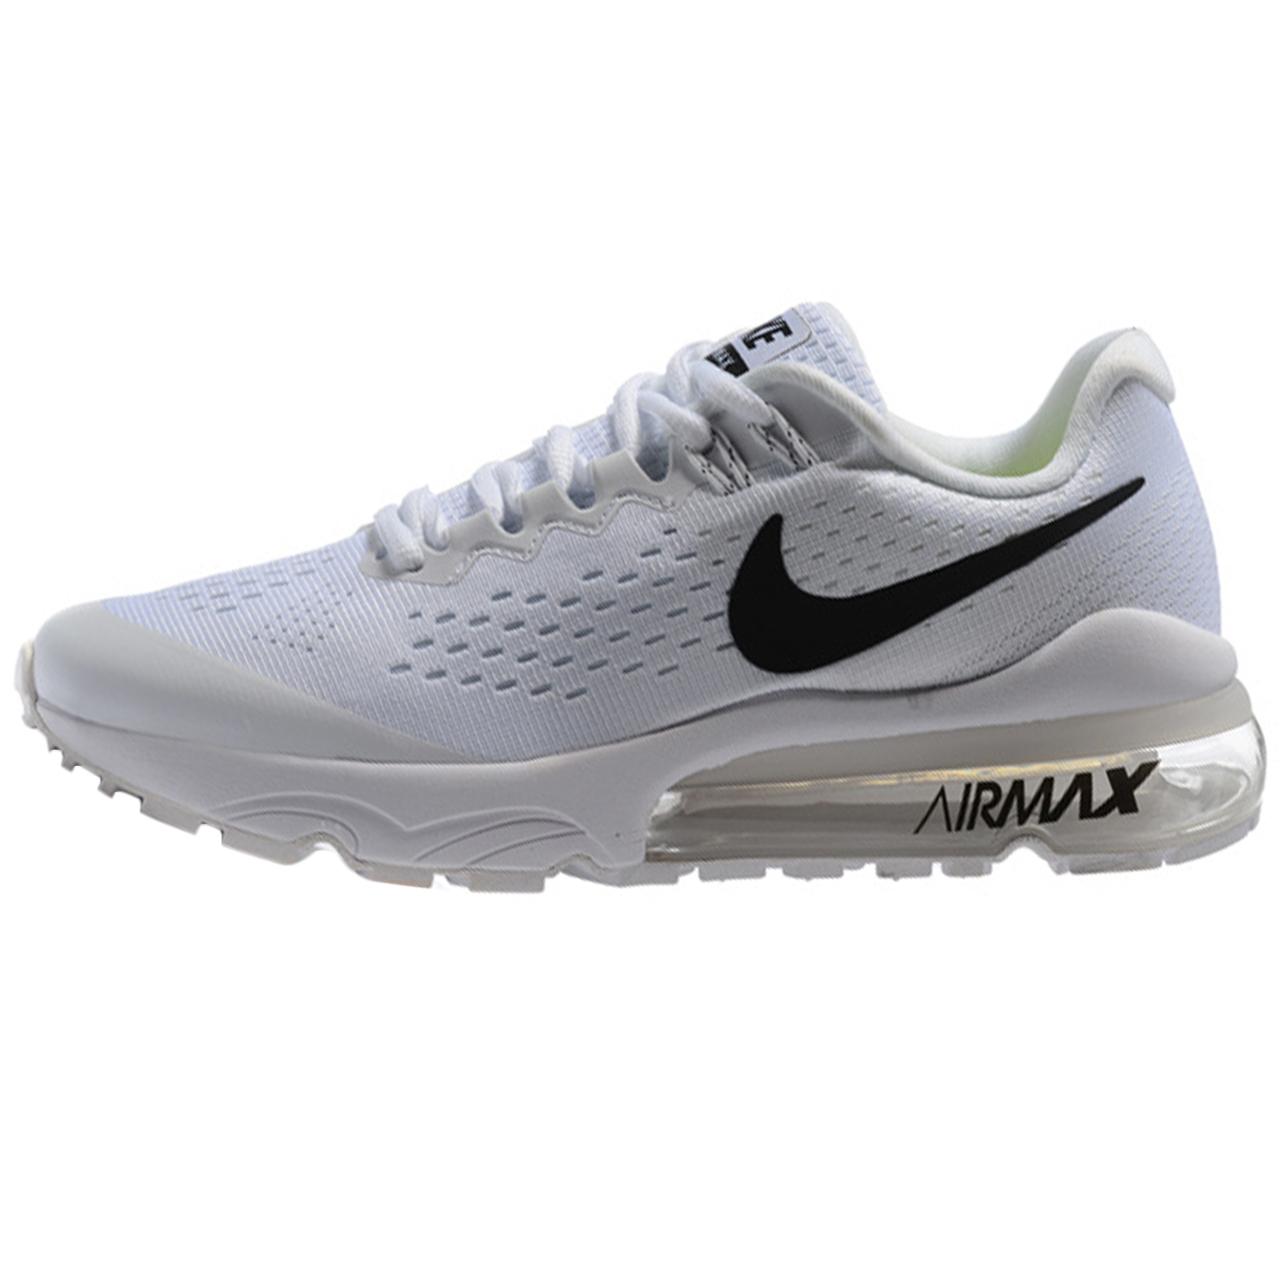 قیمت کفش مخصوص دویدن مردانه نایکی مدل Air Max کد 008- 859666